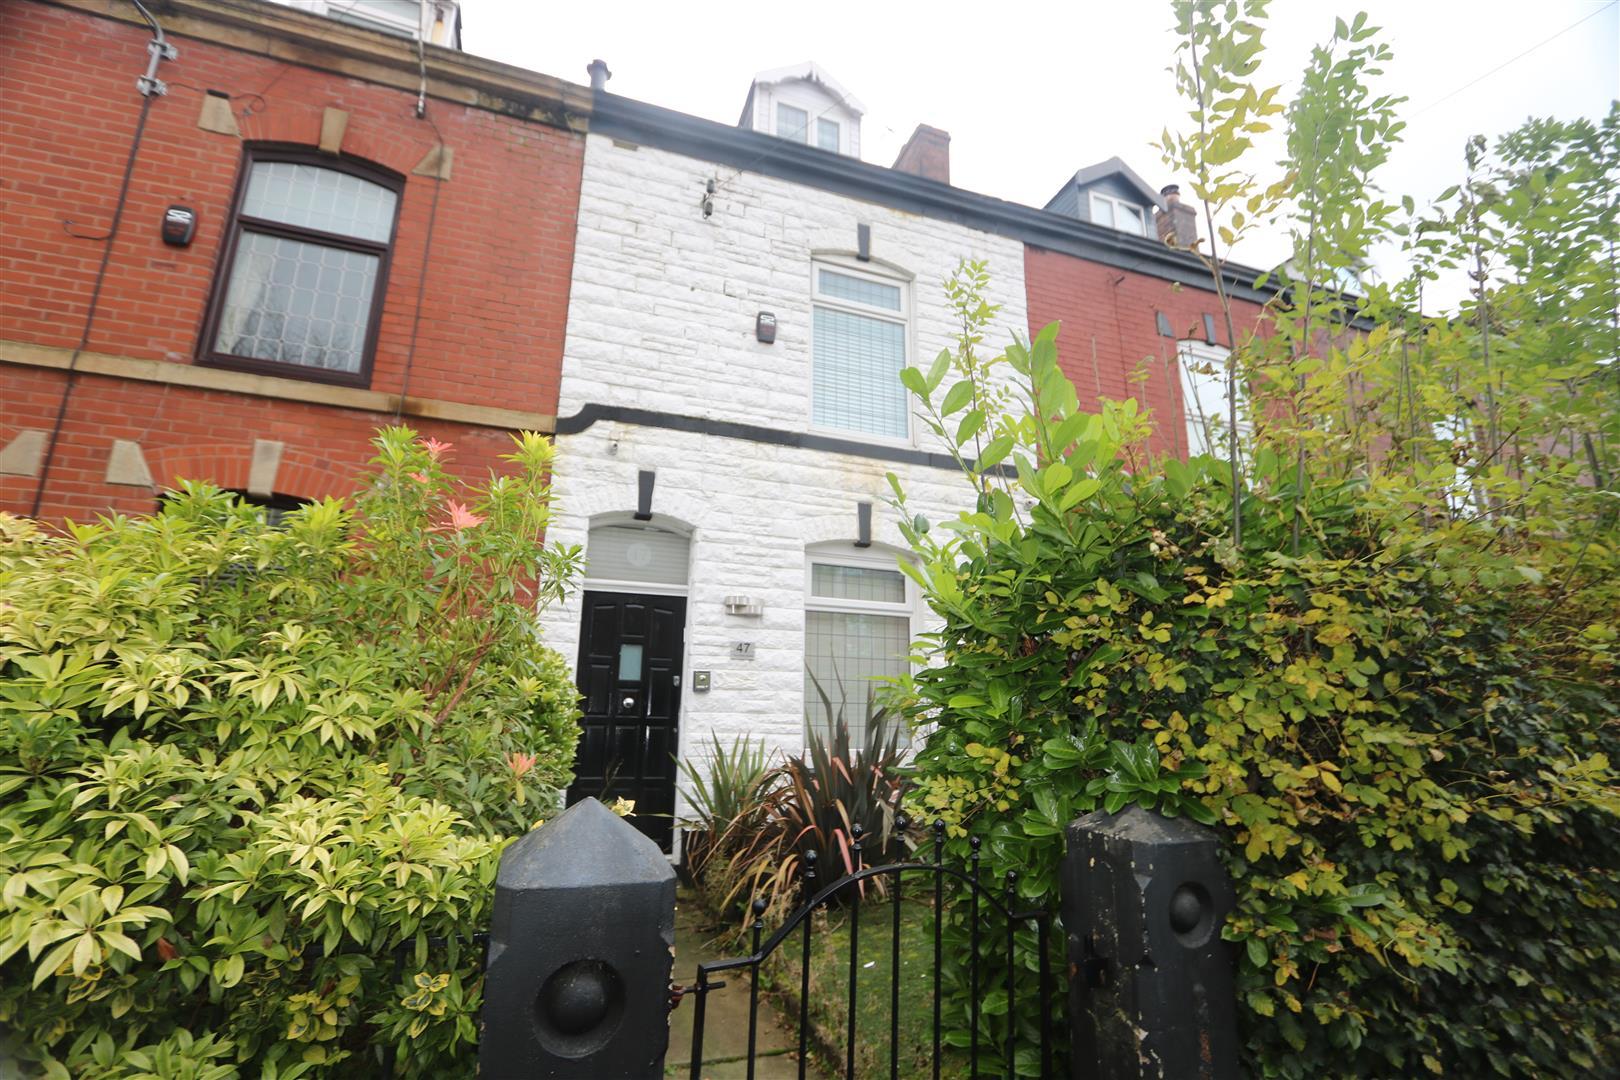 47 Wilton Street, Whitefield